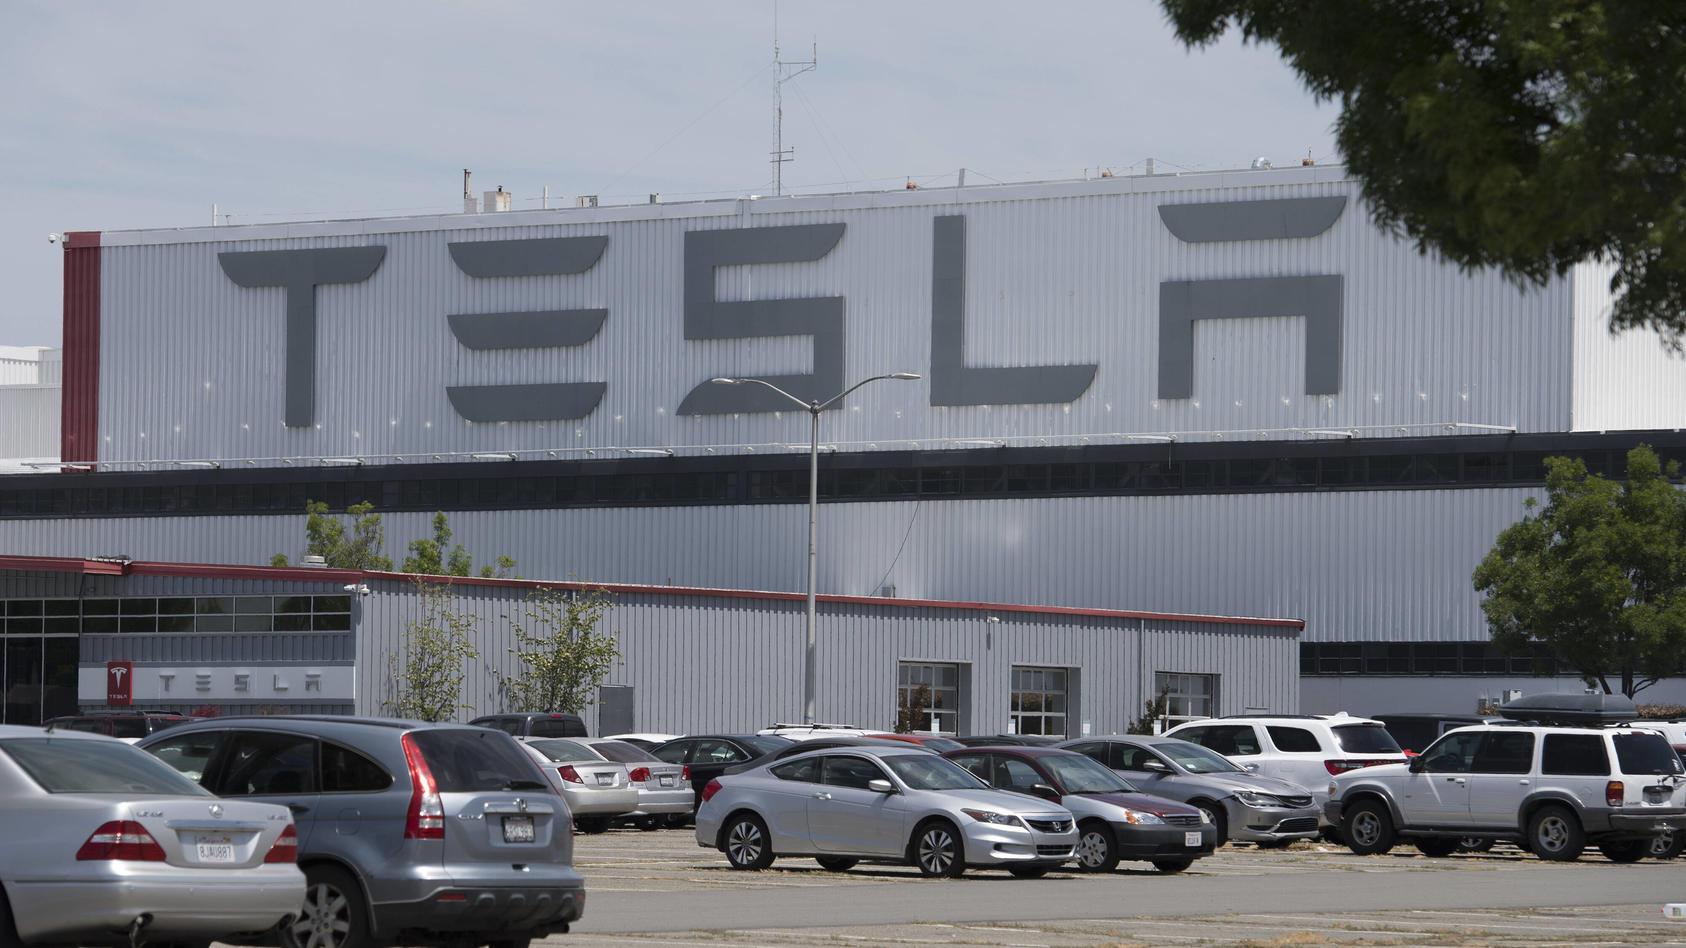 Ein attraktiver Arbeitsplatz? So wie auf dem Bild in Fremont, Kalifornien könnte es bald auch auf dem Tesla-Gelände in Brandenburg aussehen.